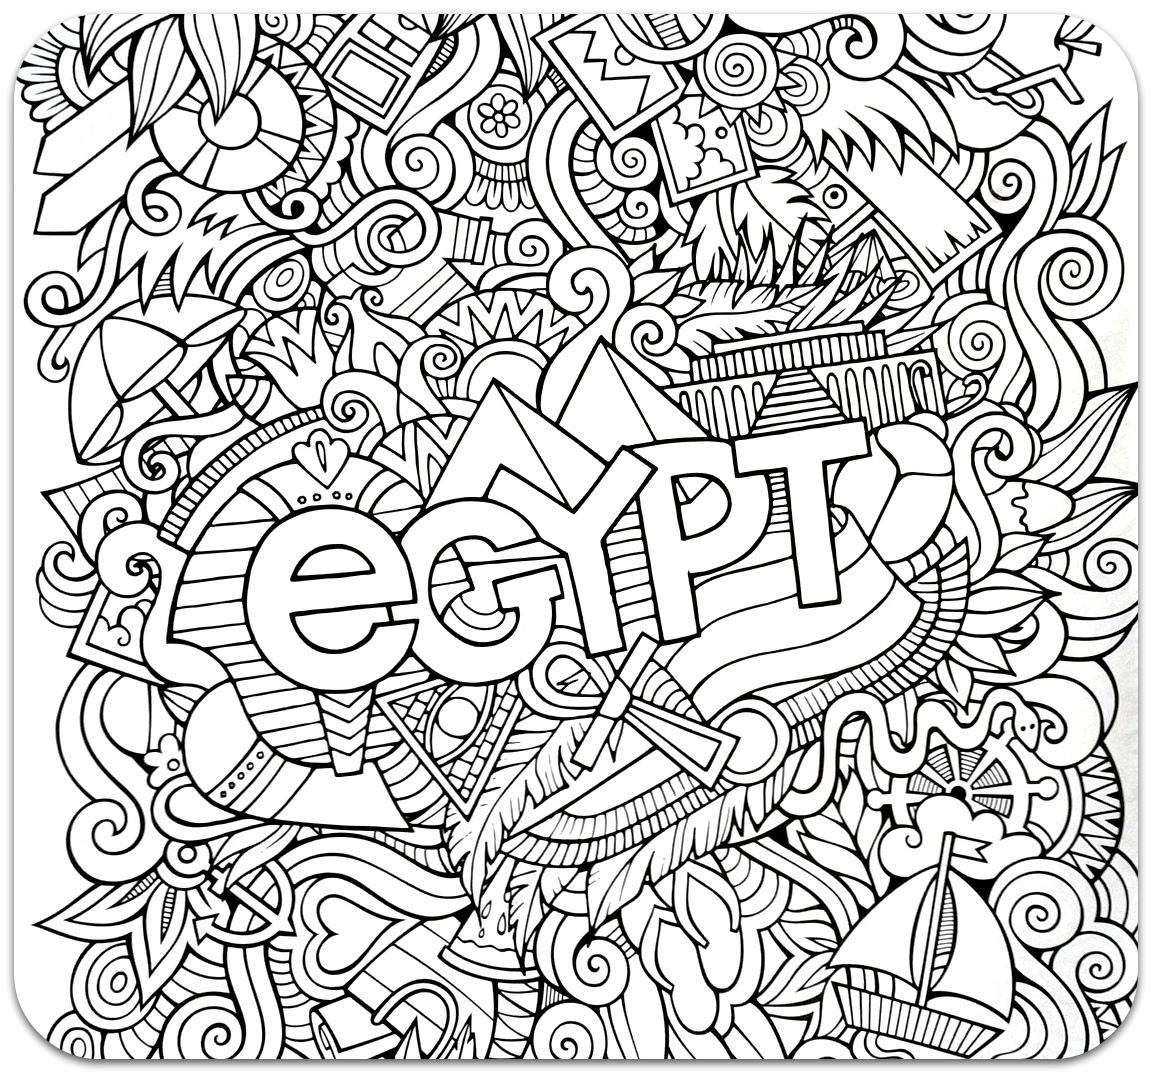 розмальовки для дорослих, розмальовки антистрес, країни, подорож, раскраски антистресс, страны, єгипет